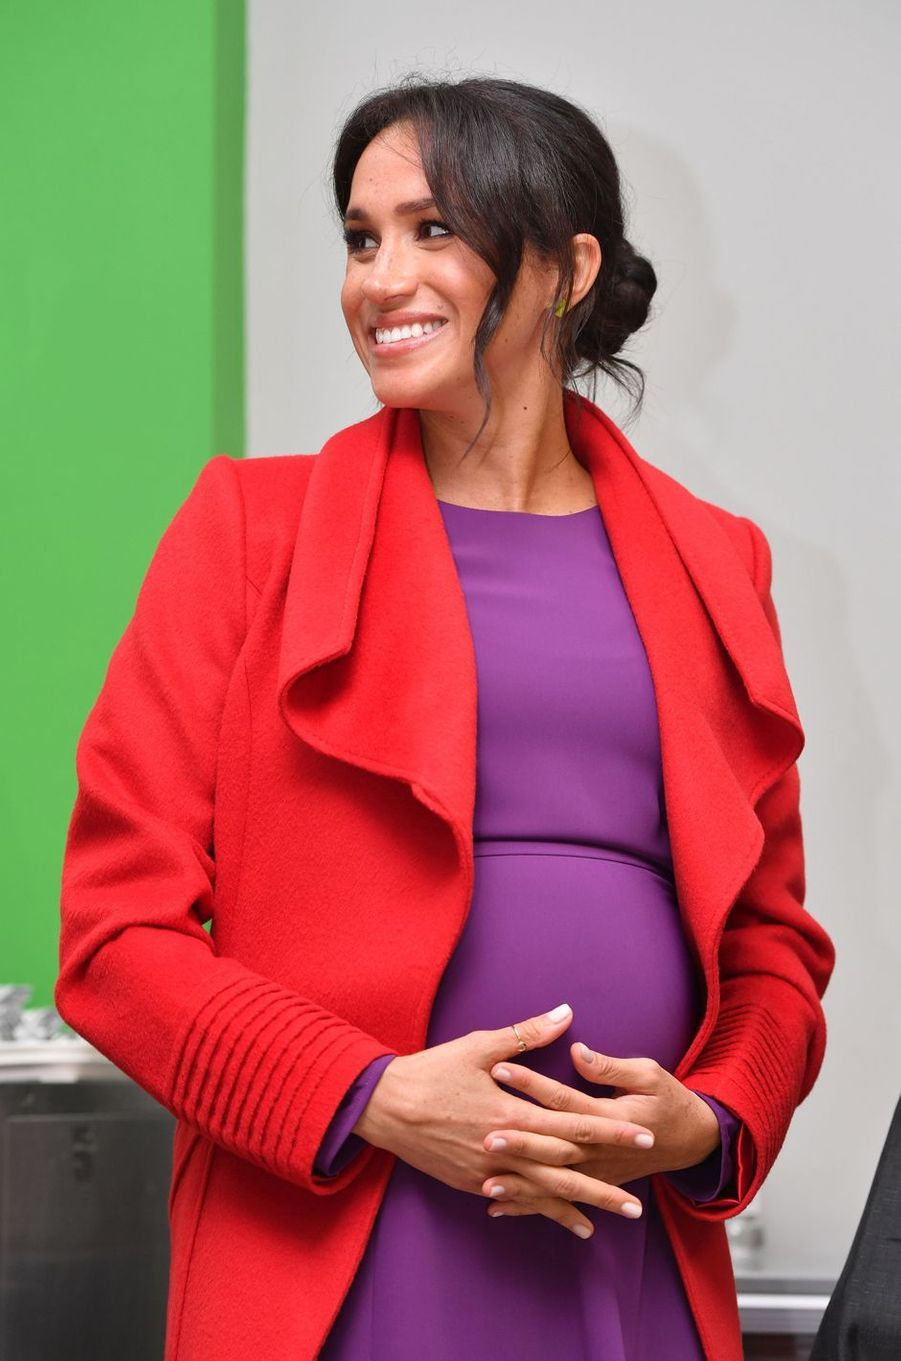 Meghan Markle, la duchesse de Sussex, en rouge et violet à Birkenhead, le 15 janvier 2019